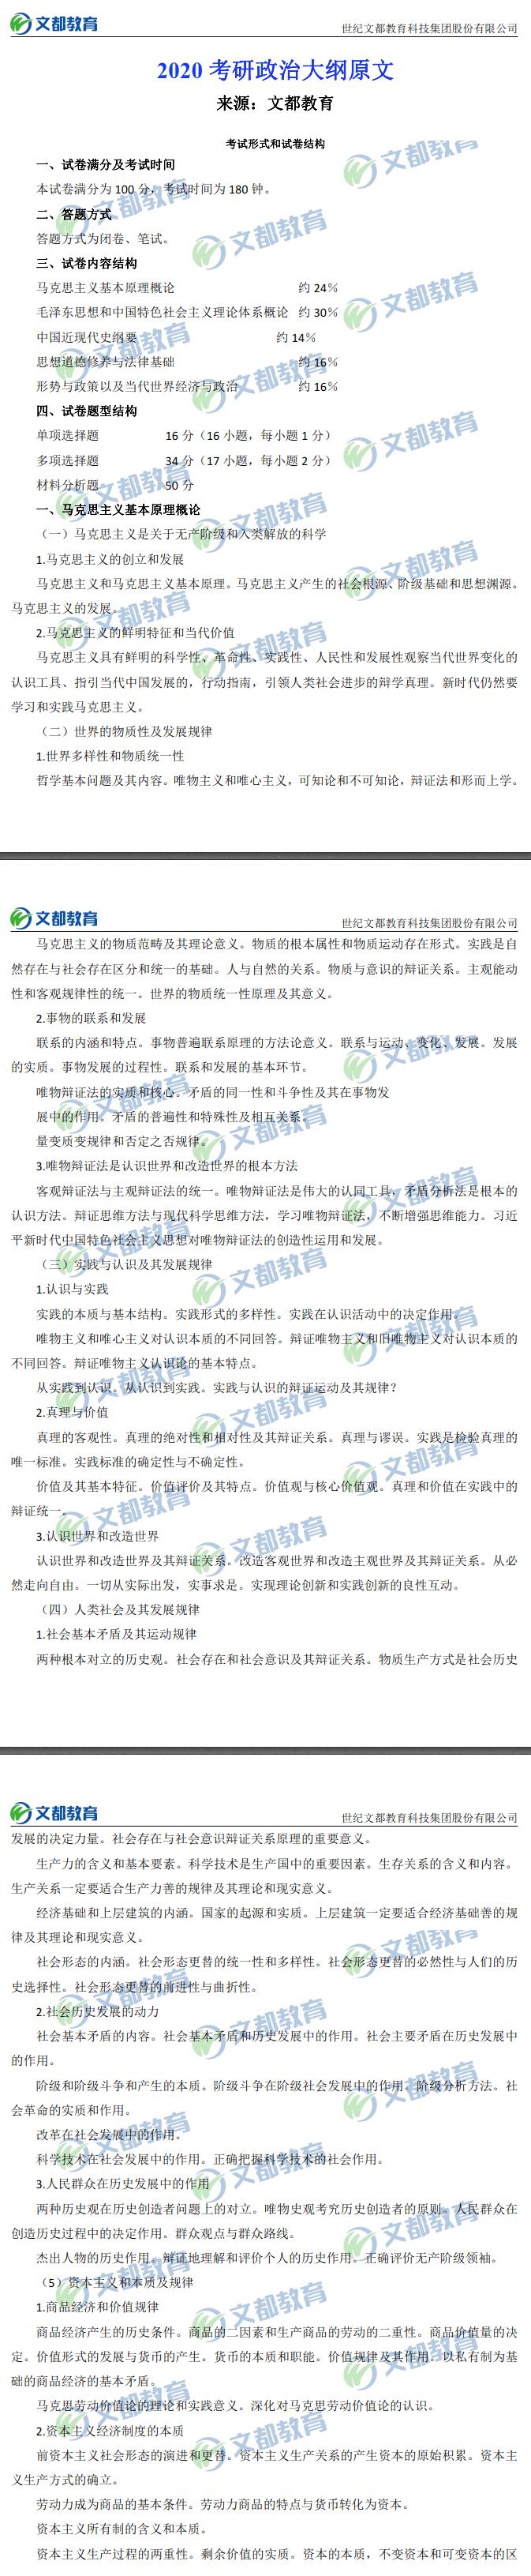 2020考研政治大纲原文pdf版